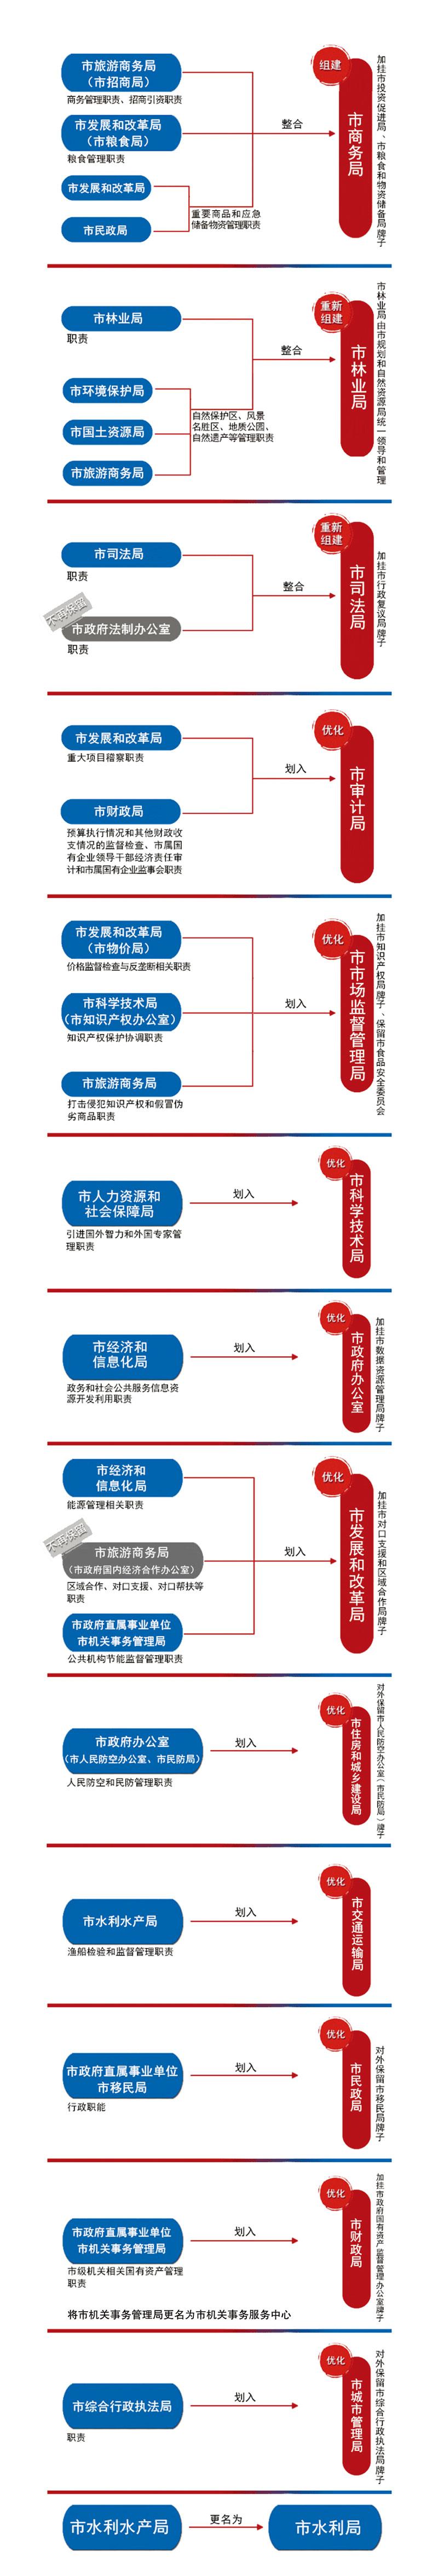 2政府机构改革发布gif副本2.jpg